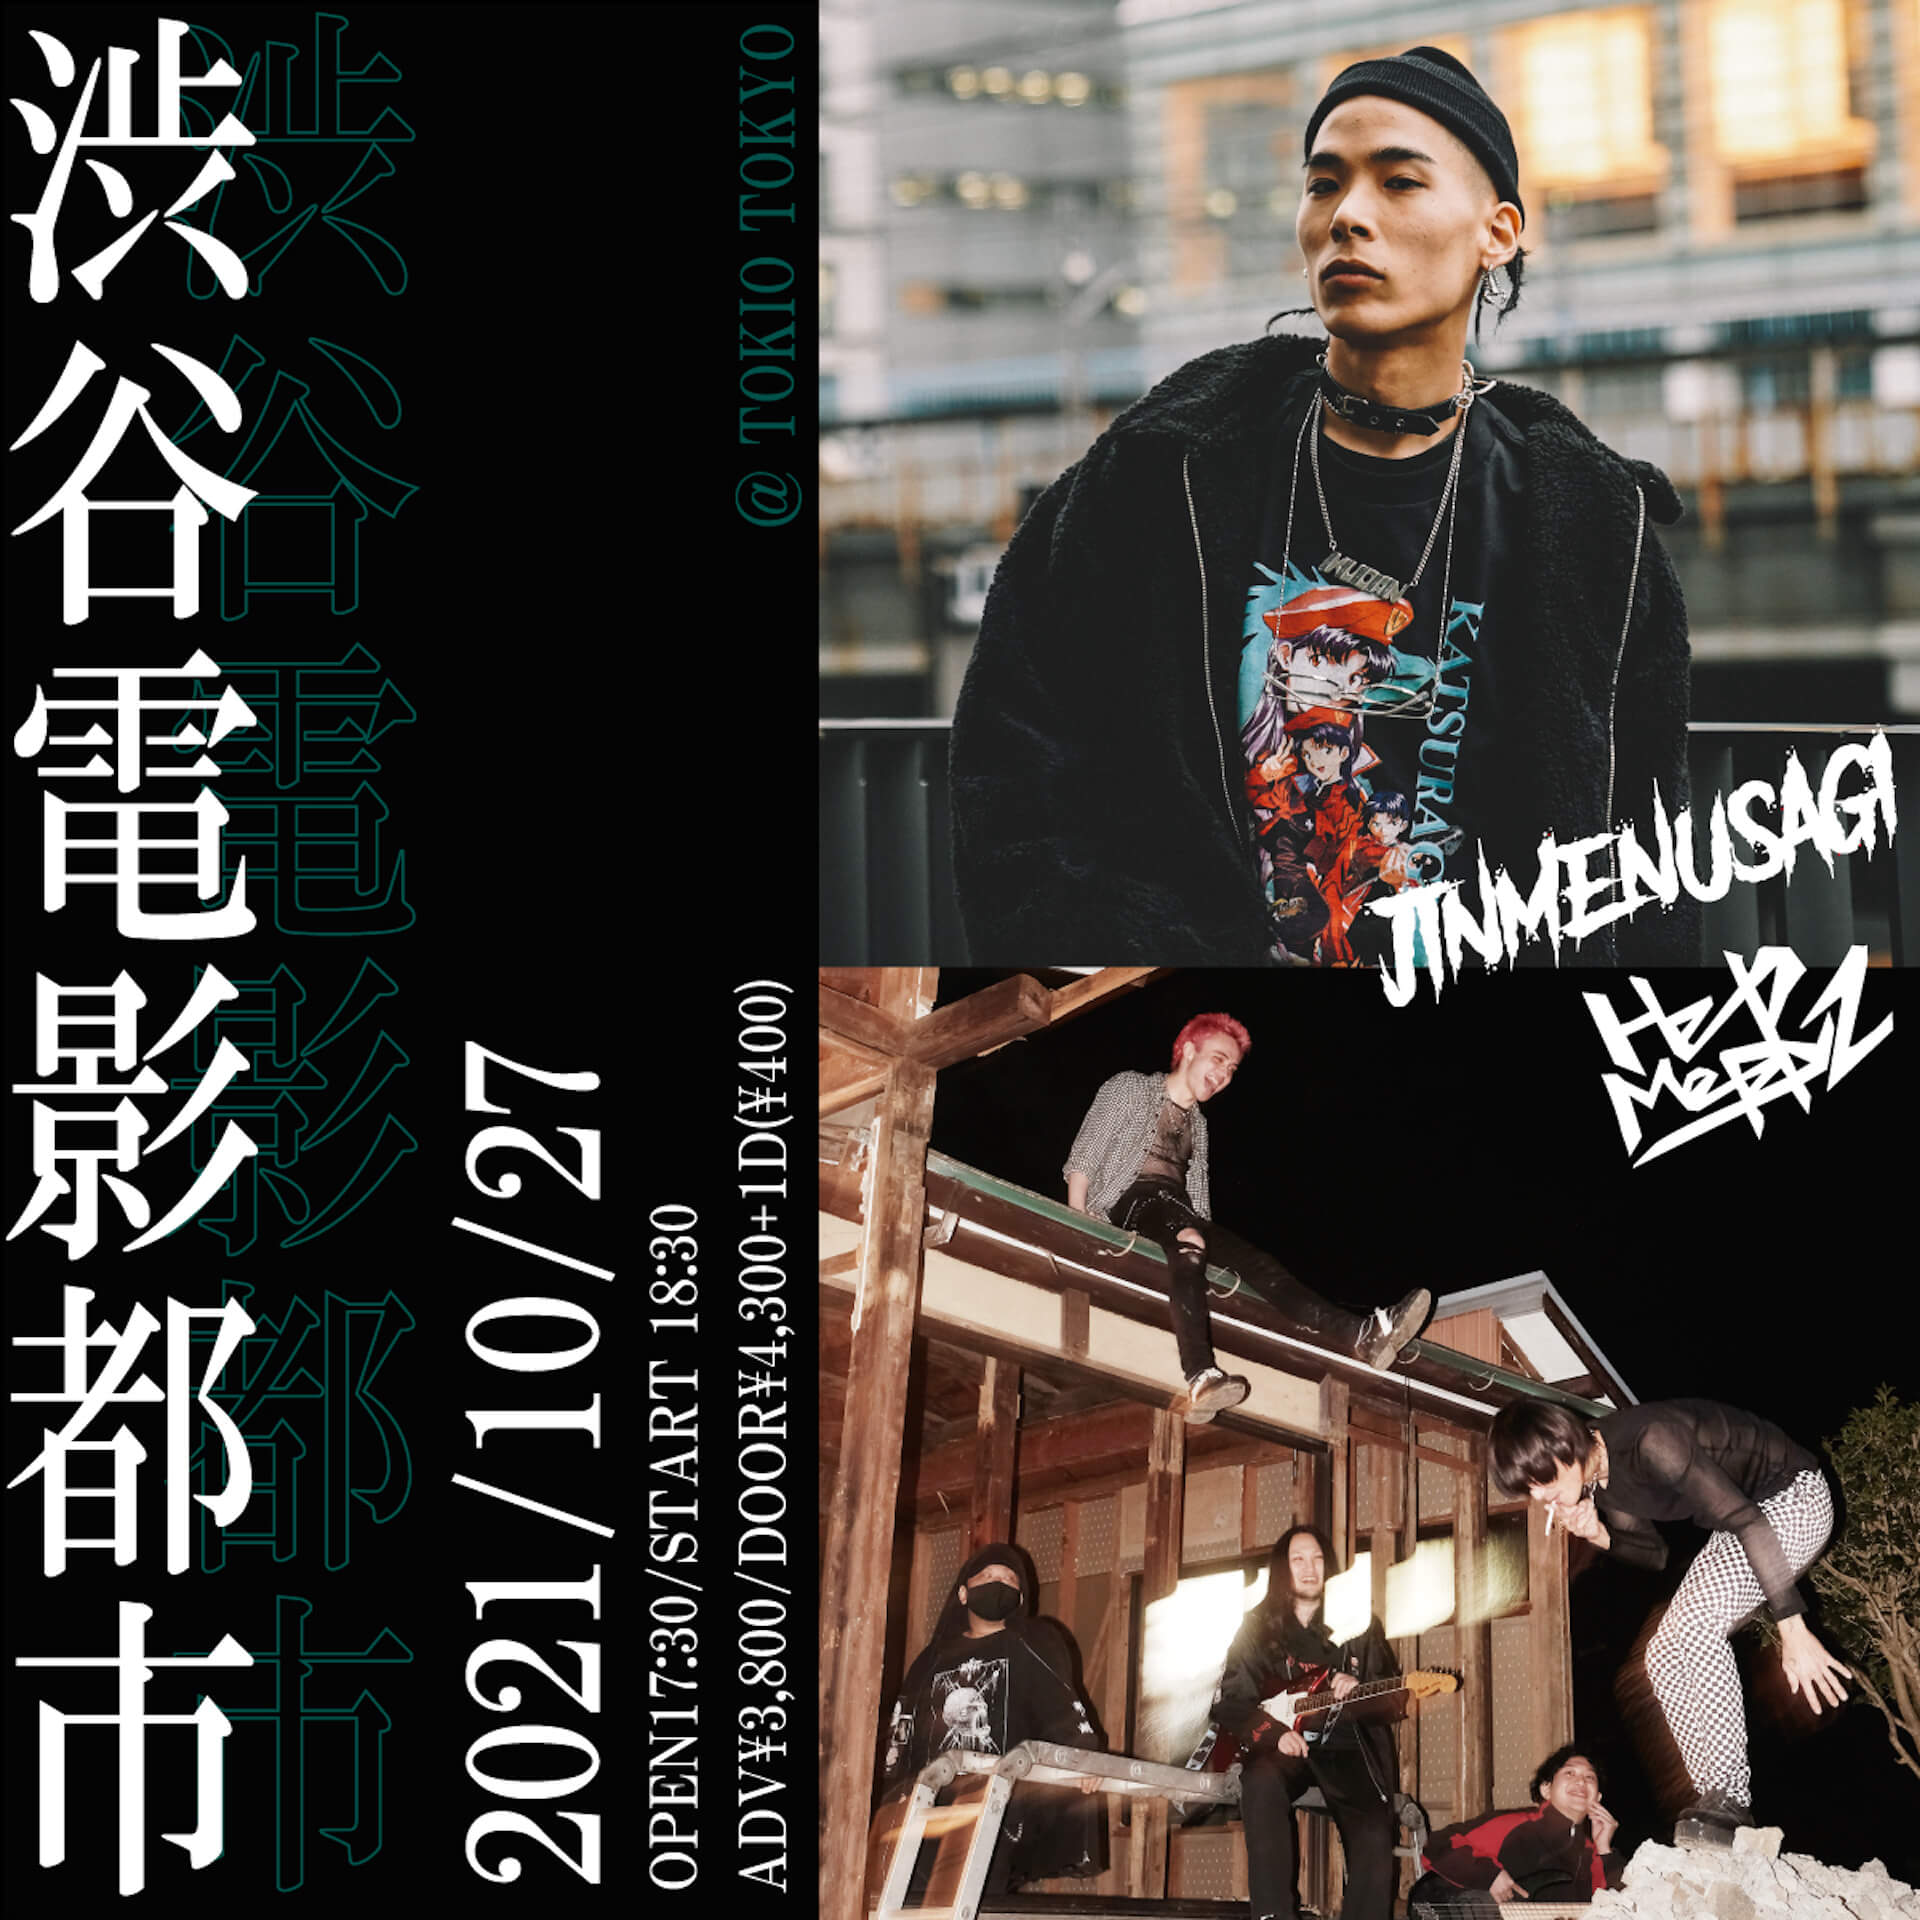 ストリートなイベント【東京】渋谷電影都市 JinmenusagiとHelp Me Plyzのツーマンライブが開催決定!